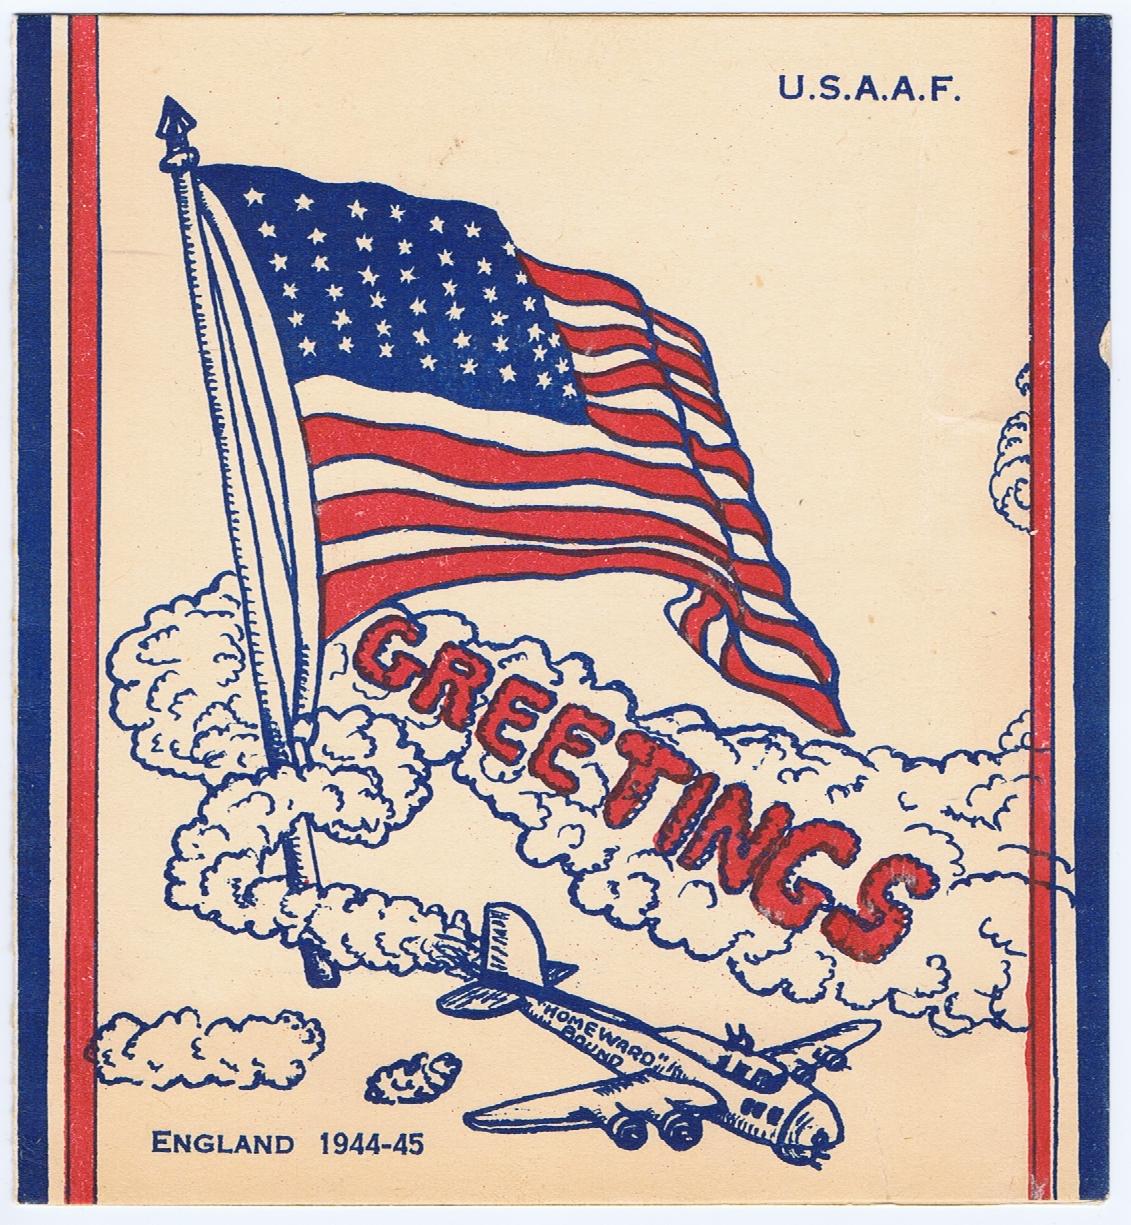 J786GREETINGS U.S.A.A.F. ENGLAND 1944-45